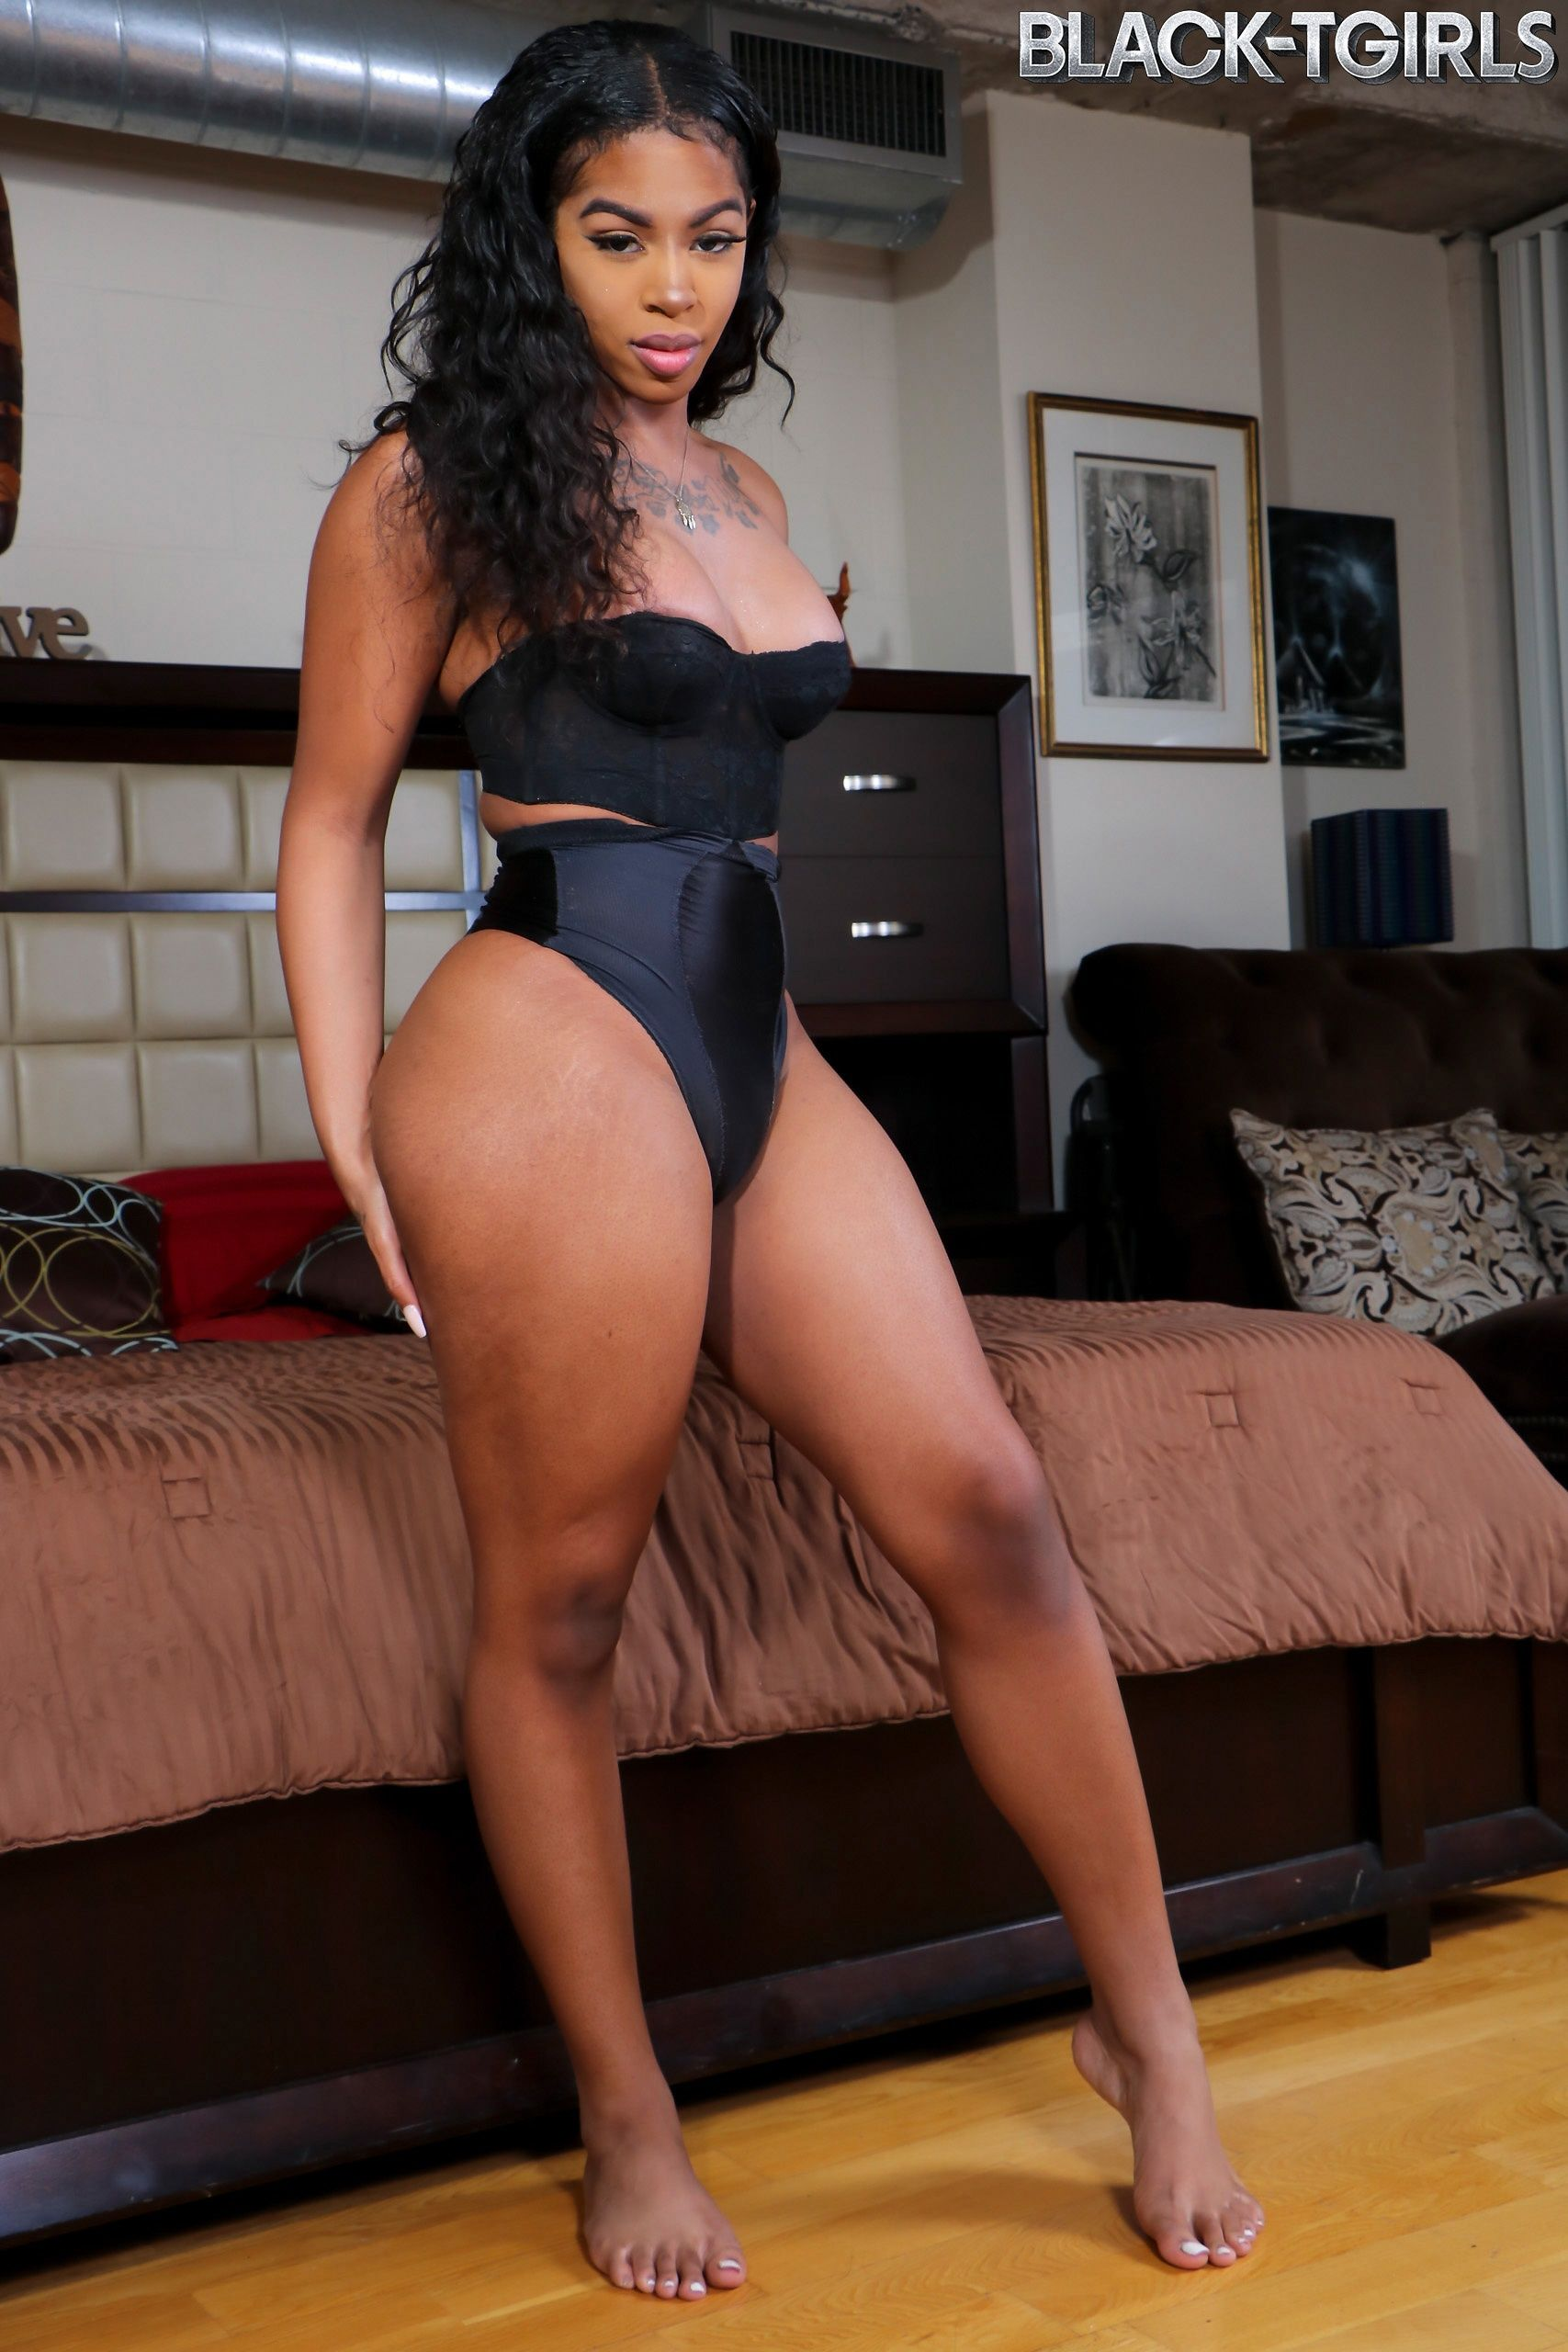 black tgirls http://www.black-tgirls.com